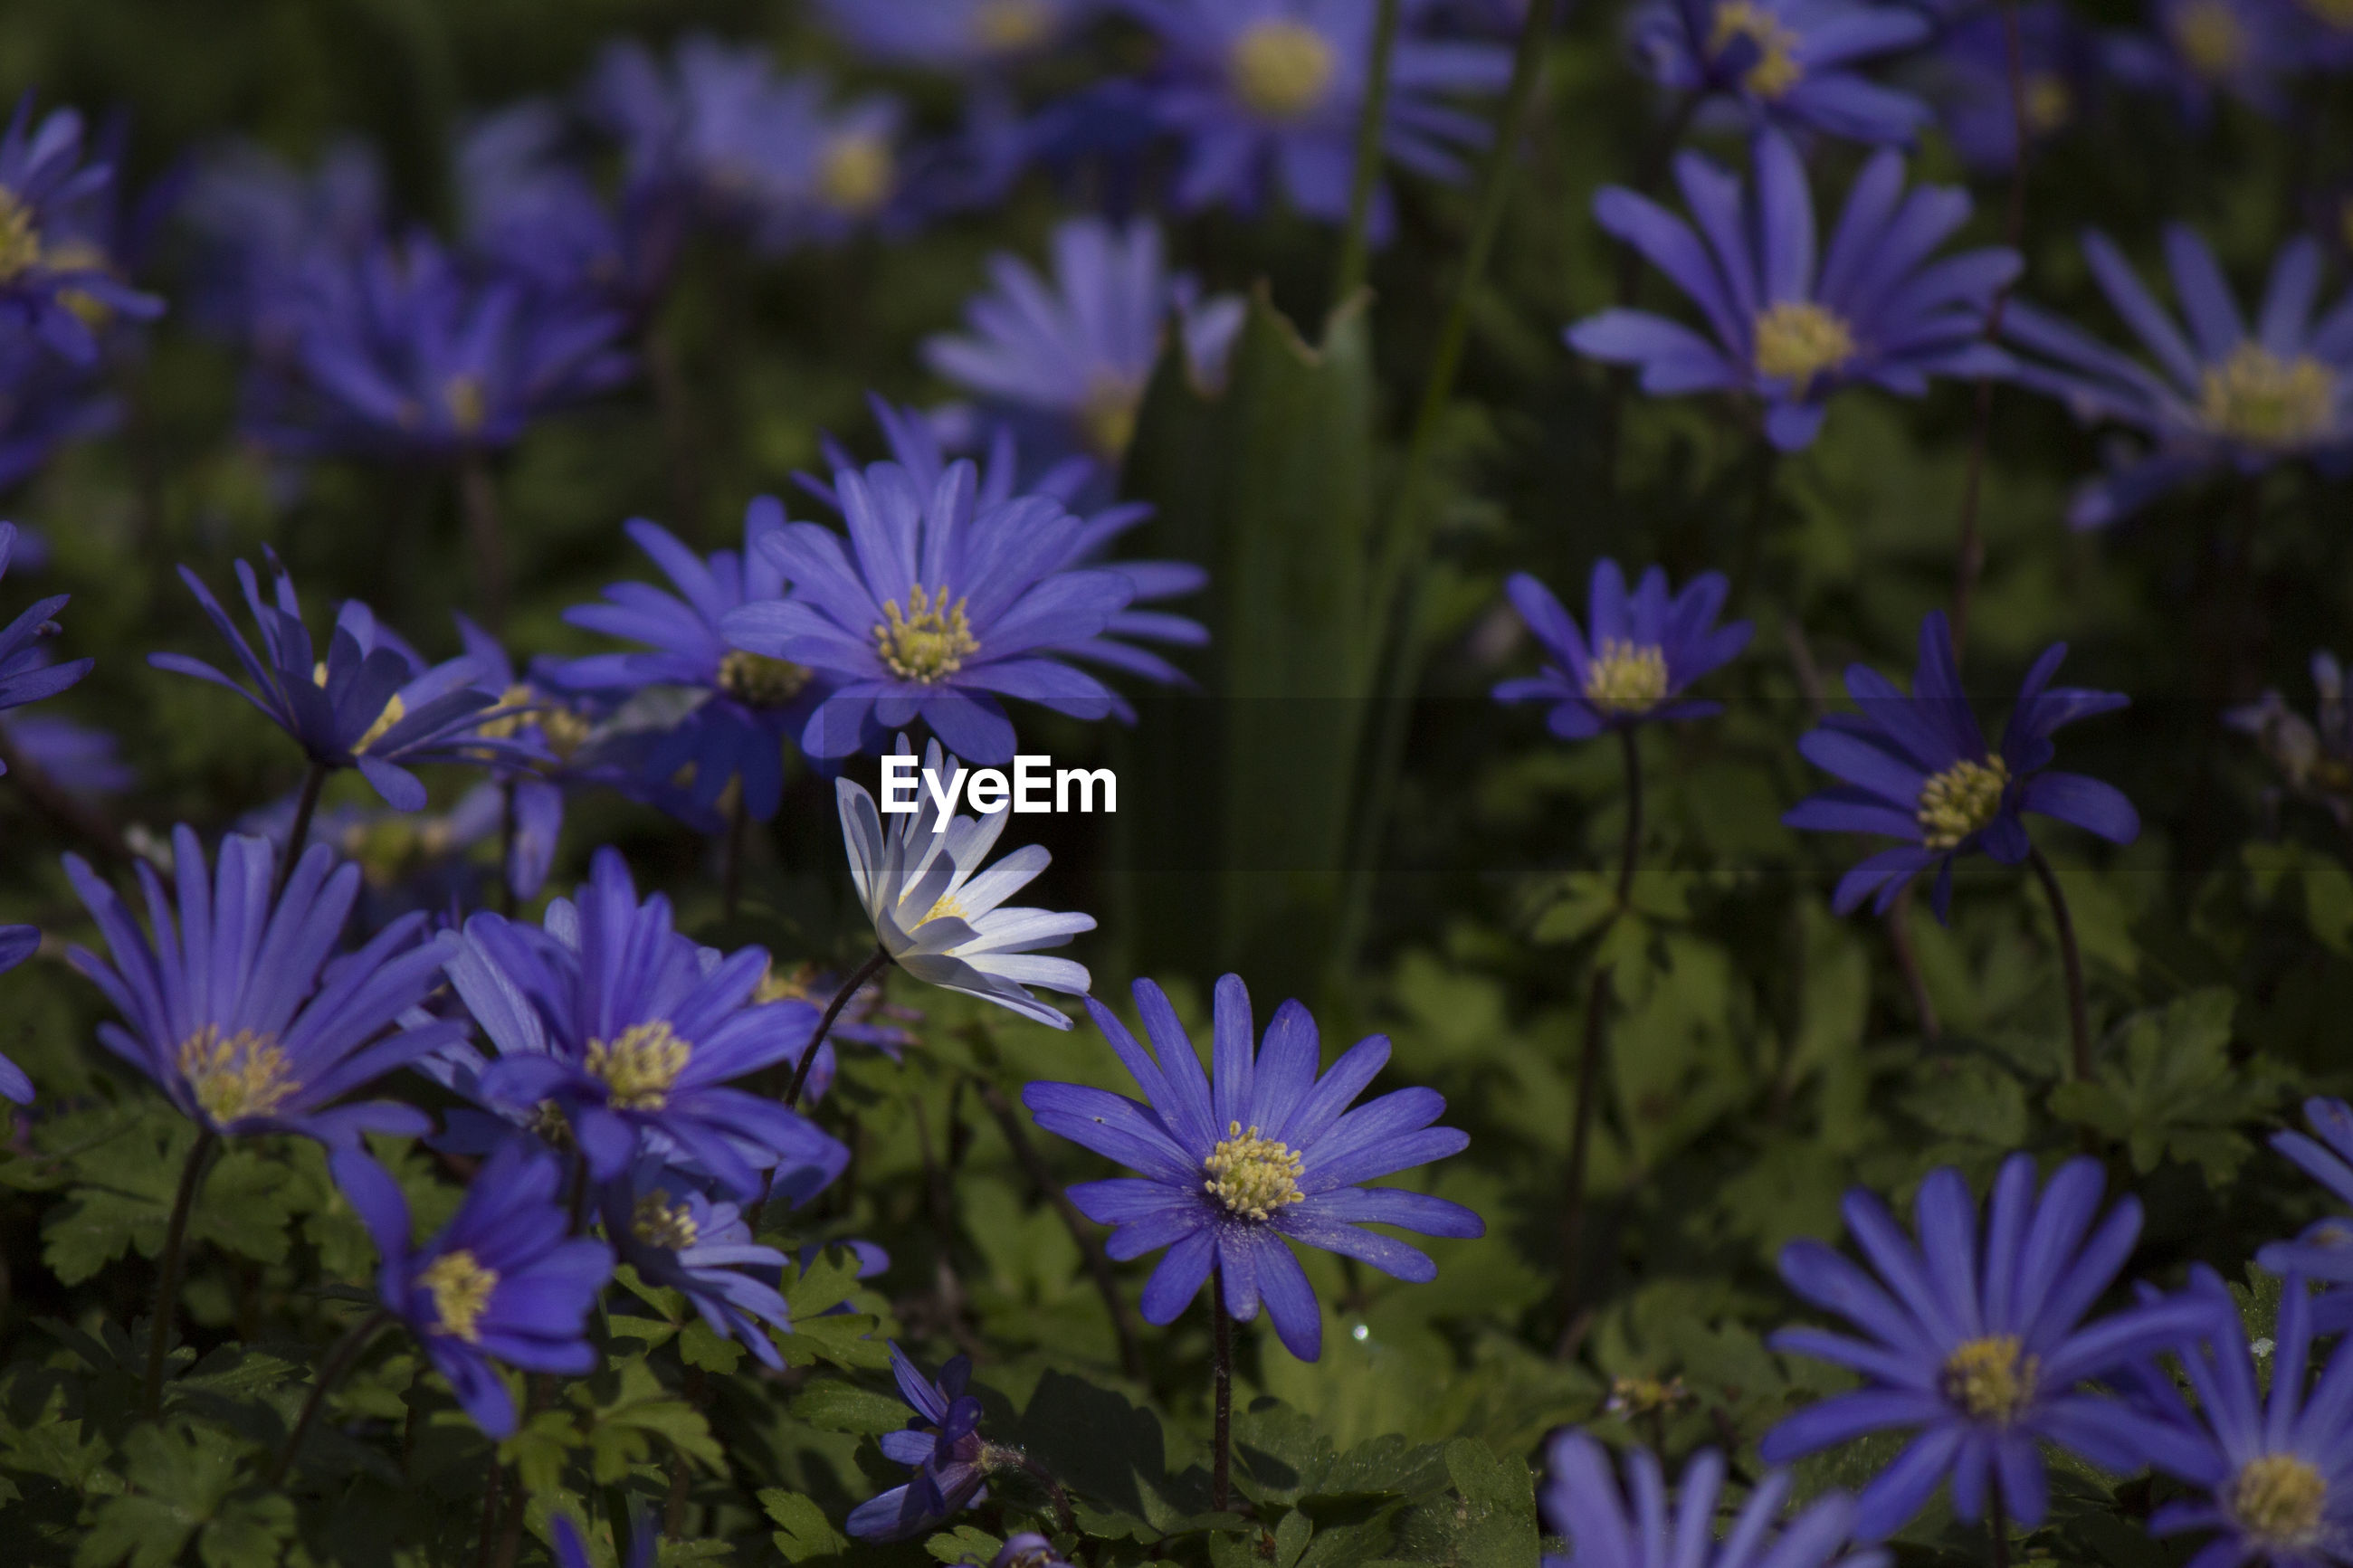 PURPLE FLOWERS BLOOMING OUTDOORS